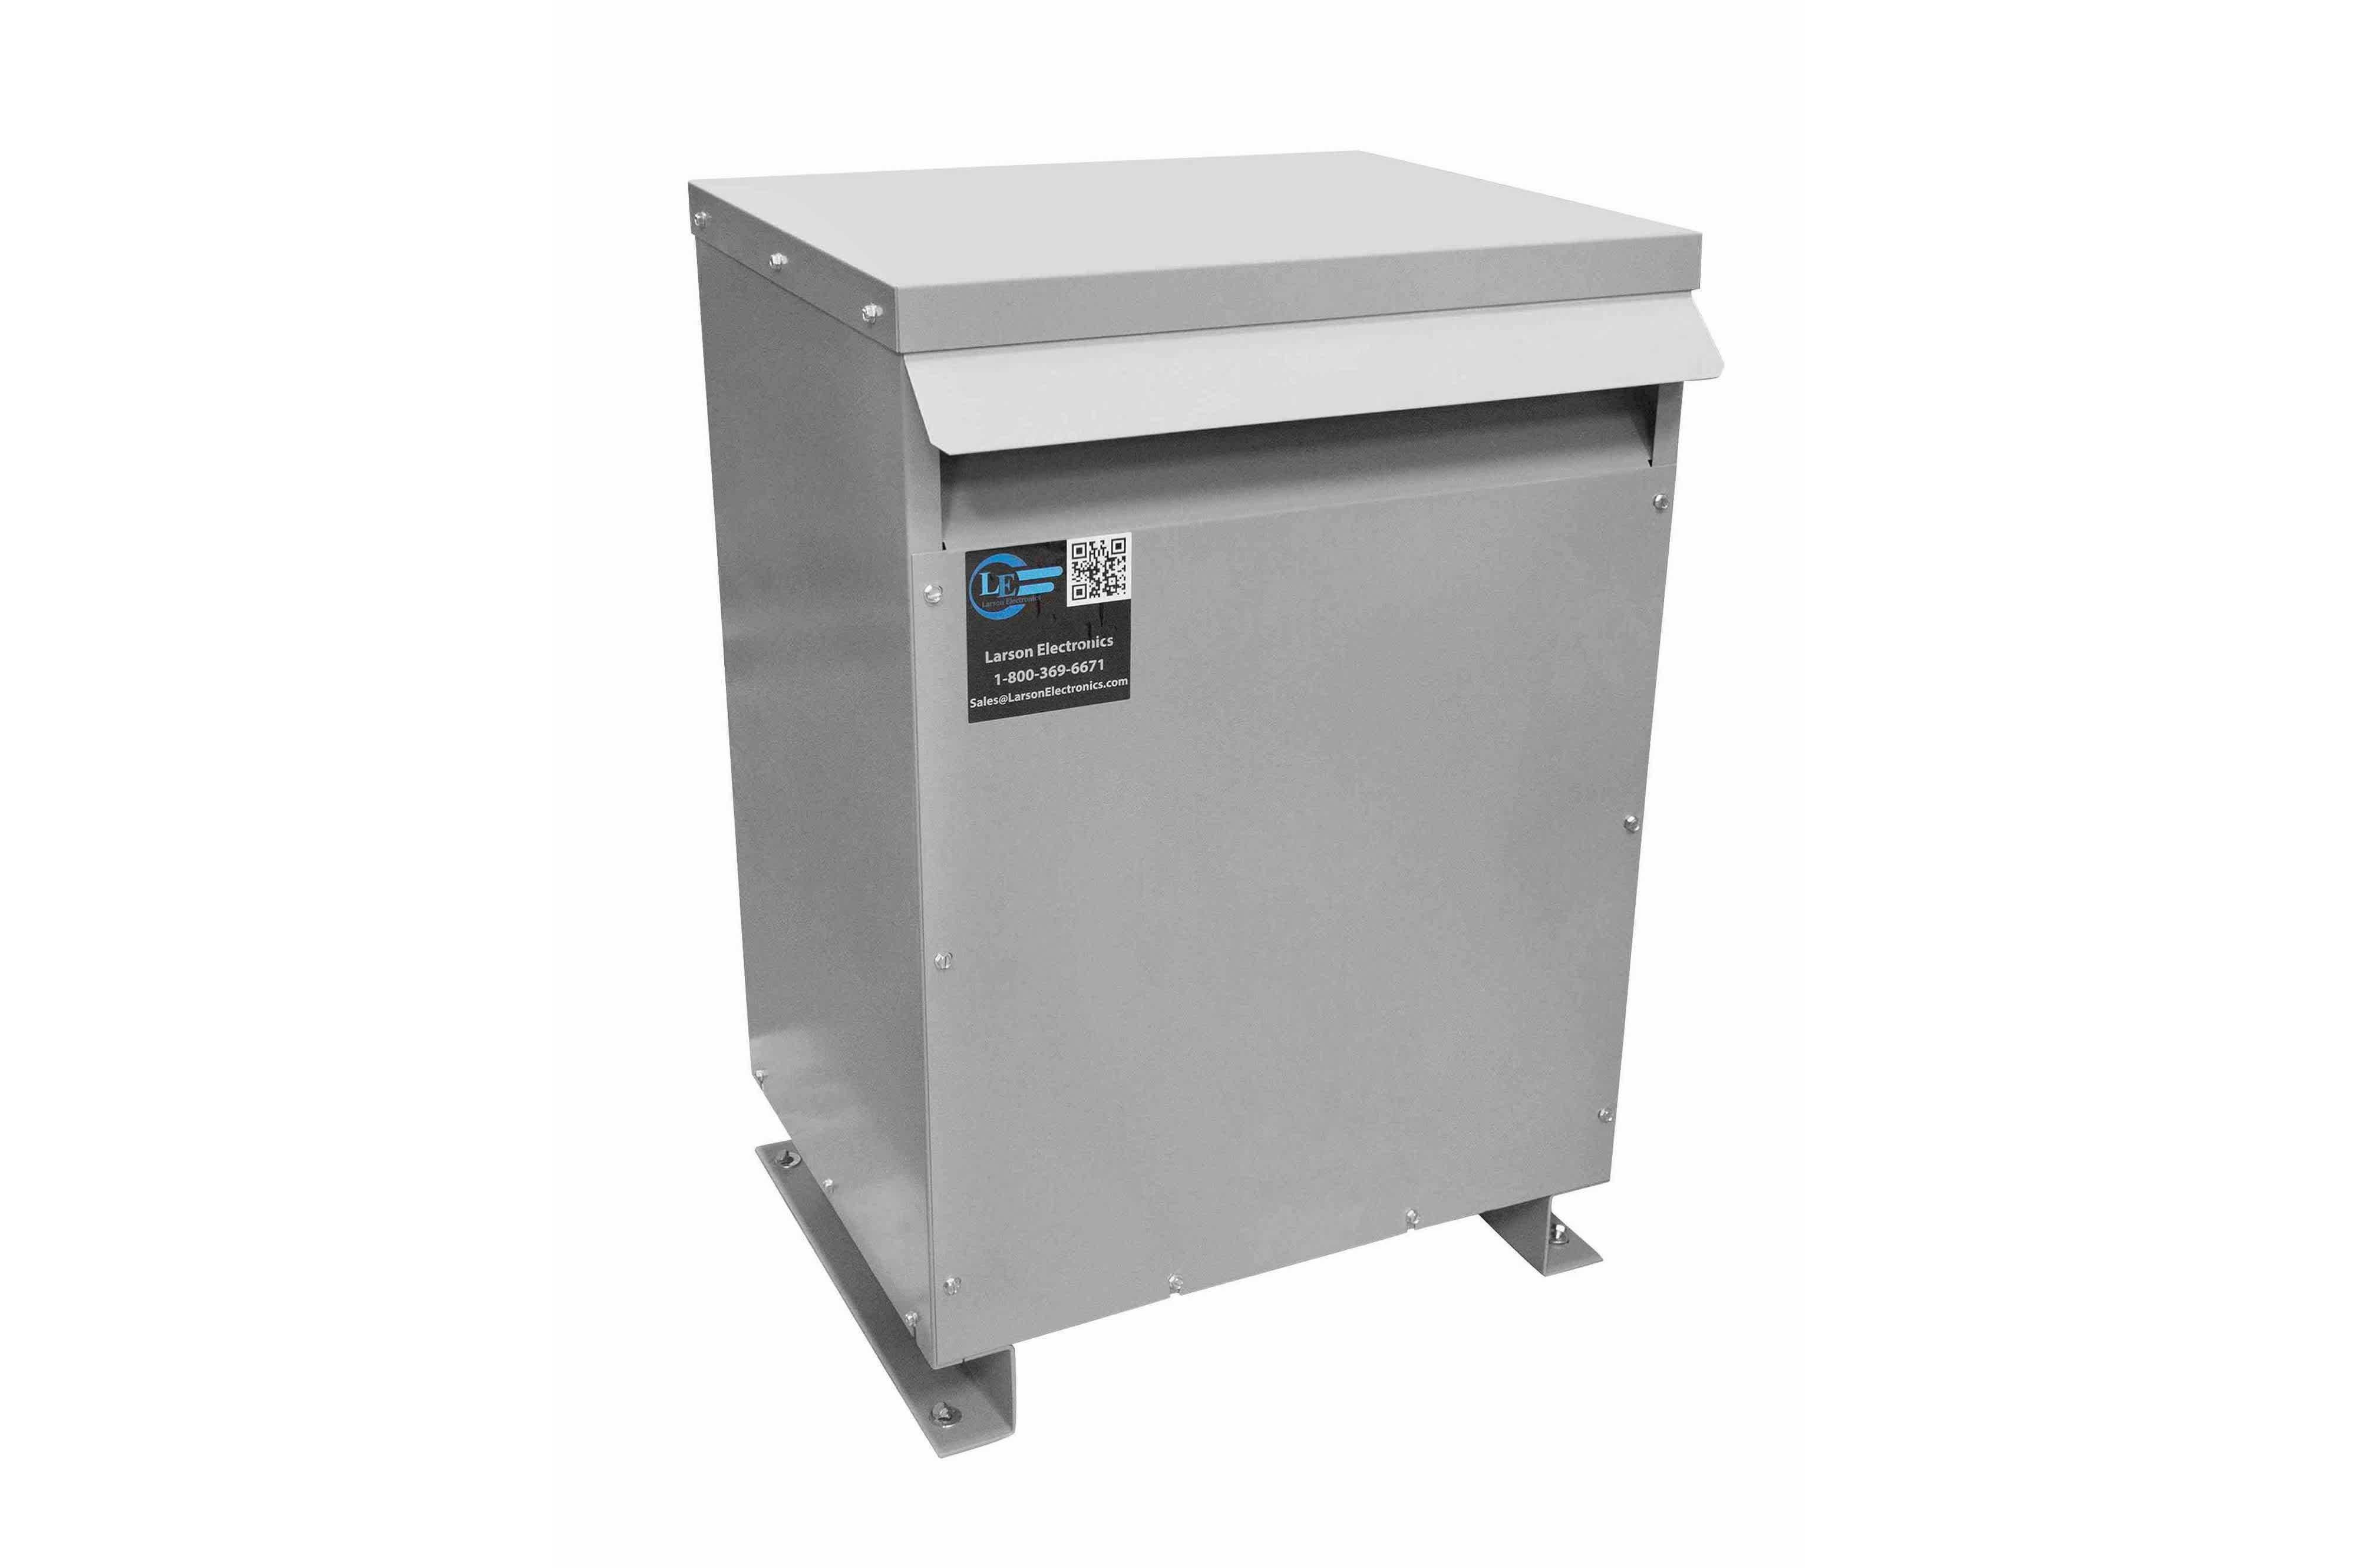 30 kVA 3PH Isolation Transformer, 380V Delta Primary, 480V Delta Secondary, N3R, Ventilated, 60 Hz